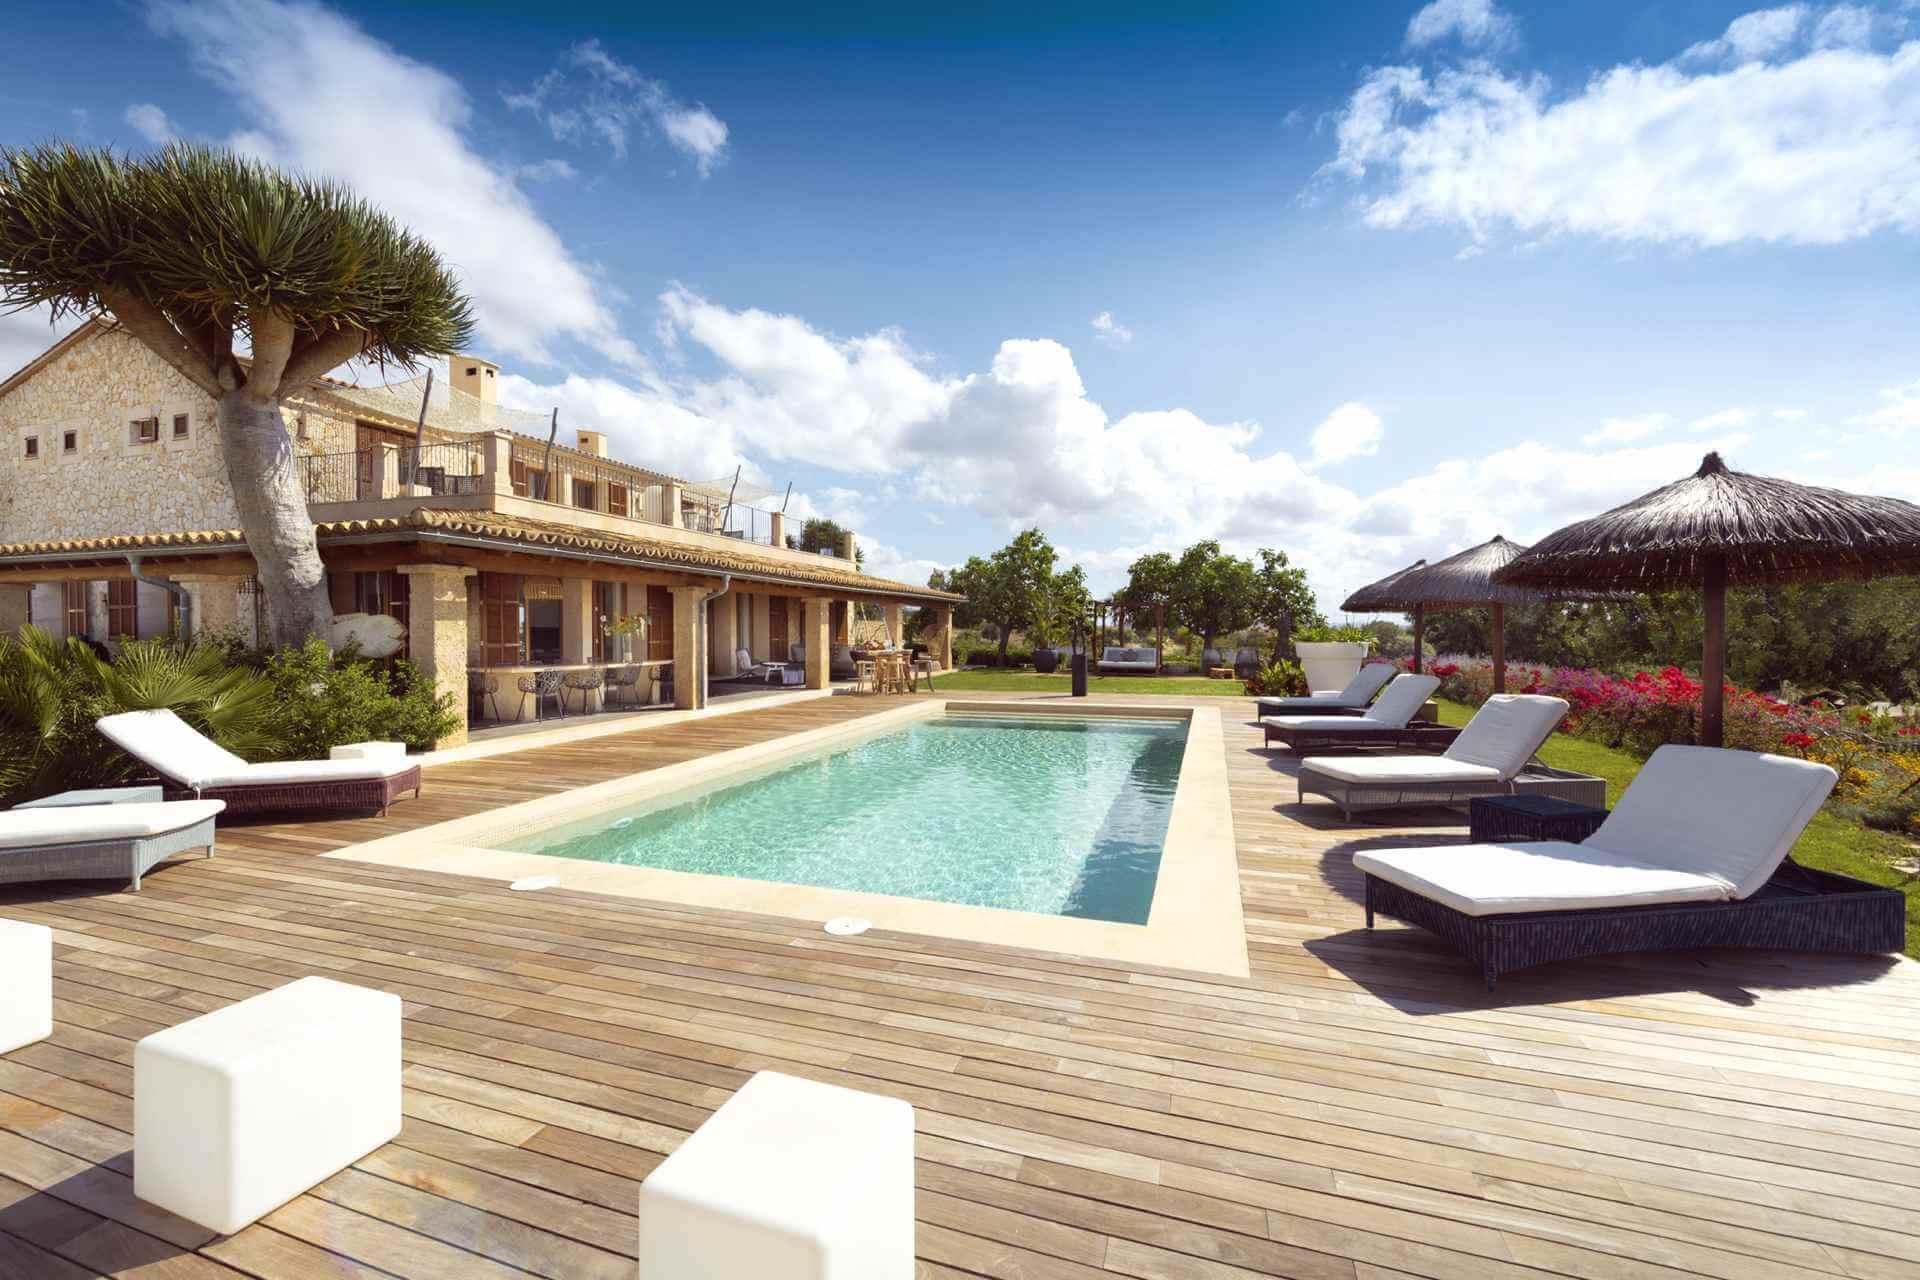 01-354 Luxus Design Finca Mallorca Zentrum Bild 1